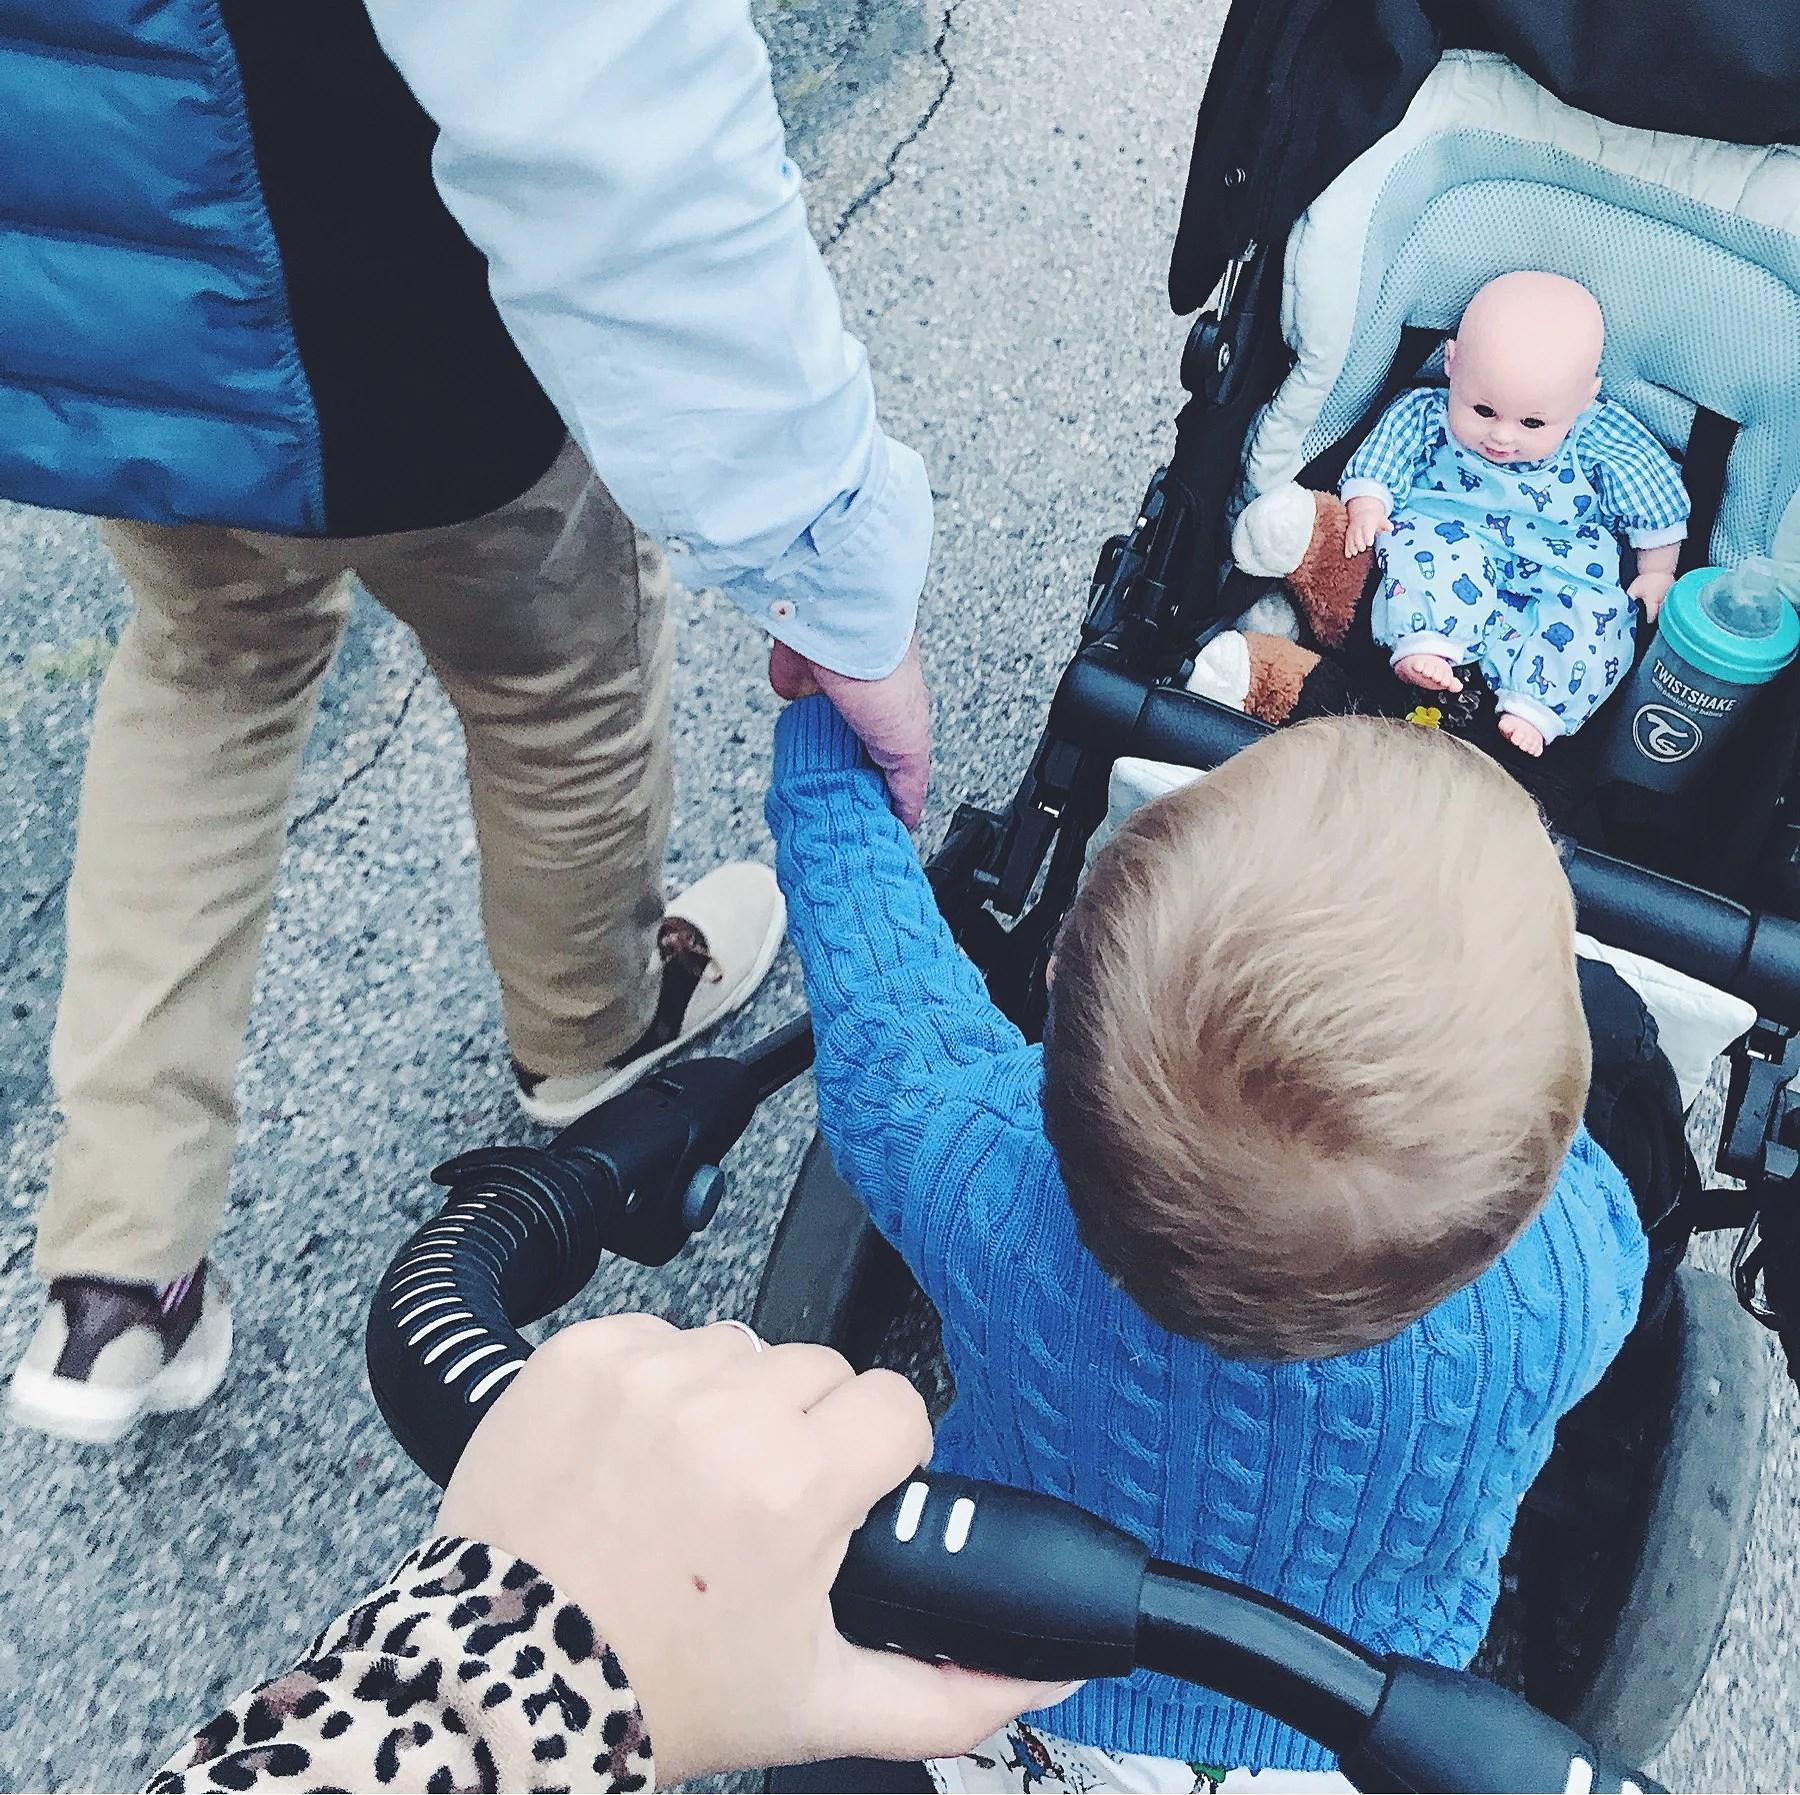 Helg i Gävle